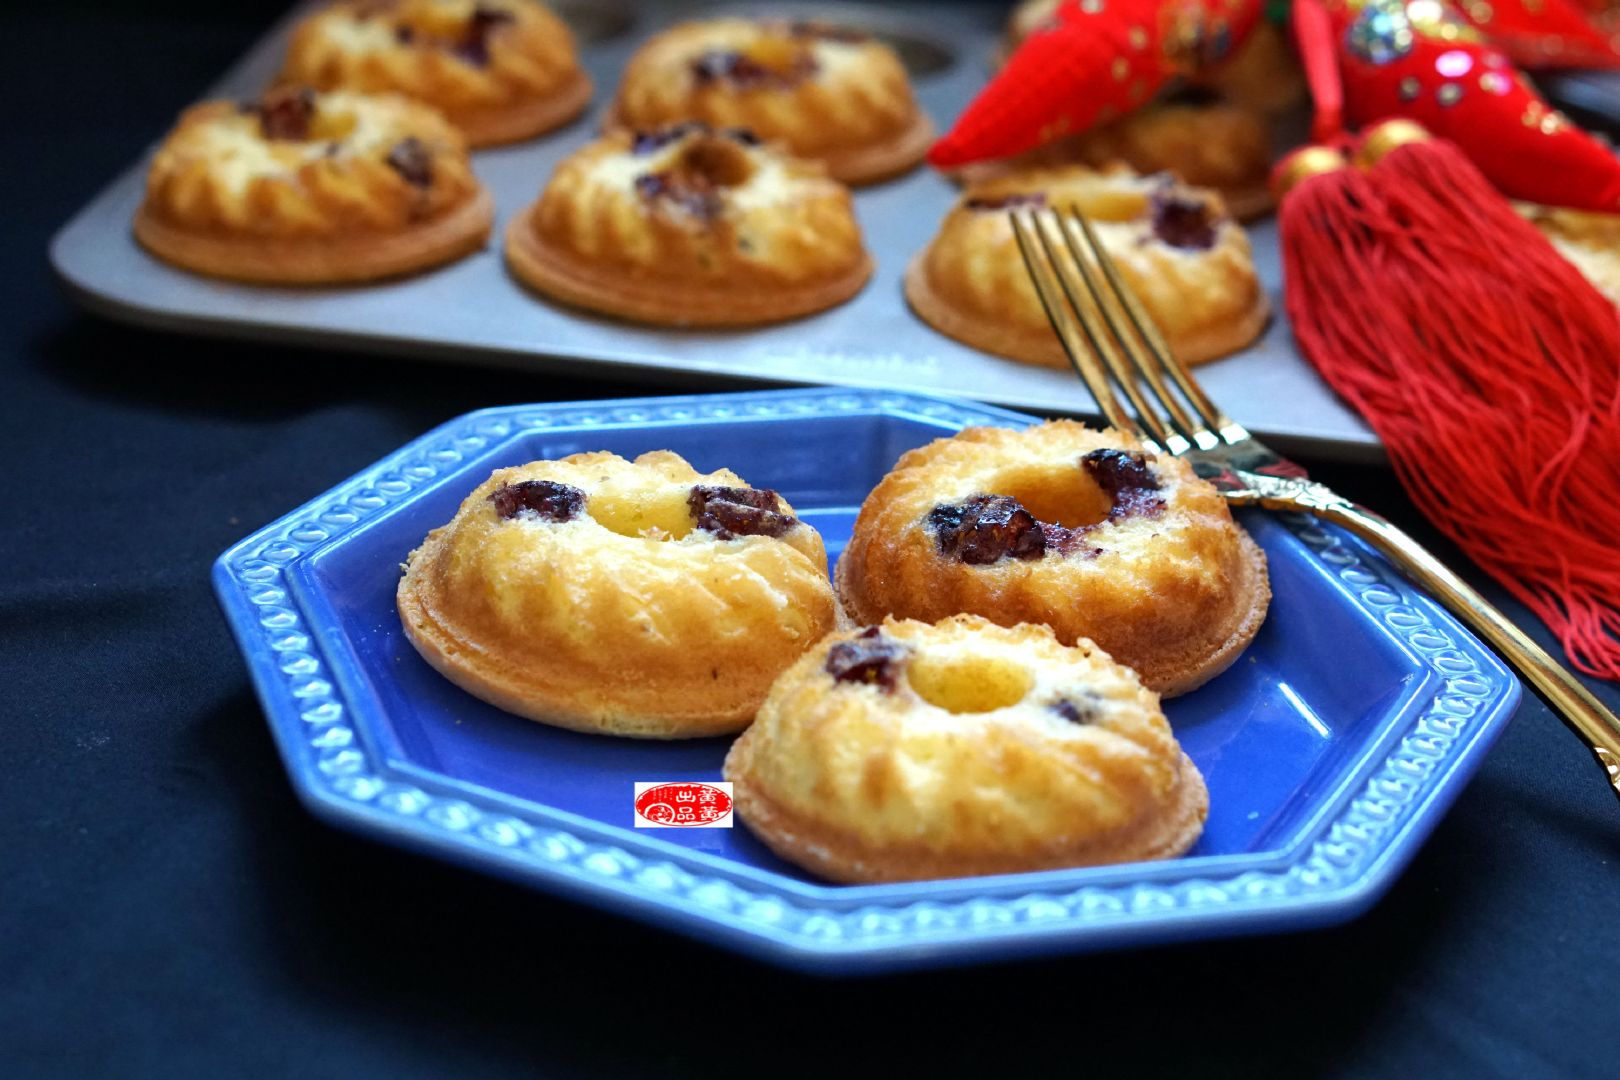 蓝莓酱旋风小蛋糕,吃甜品心情变好,看过前任3,让一切成云烟